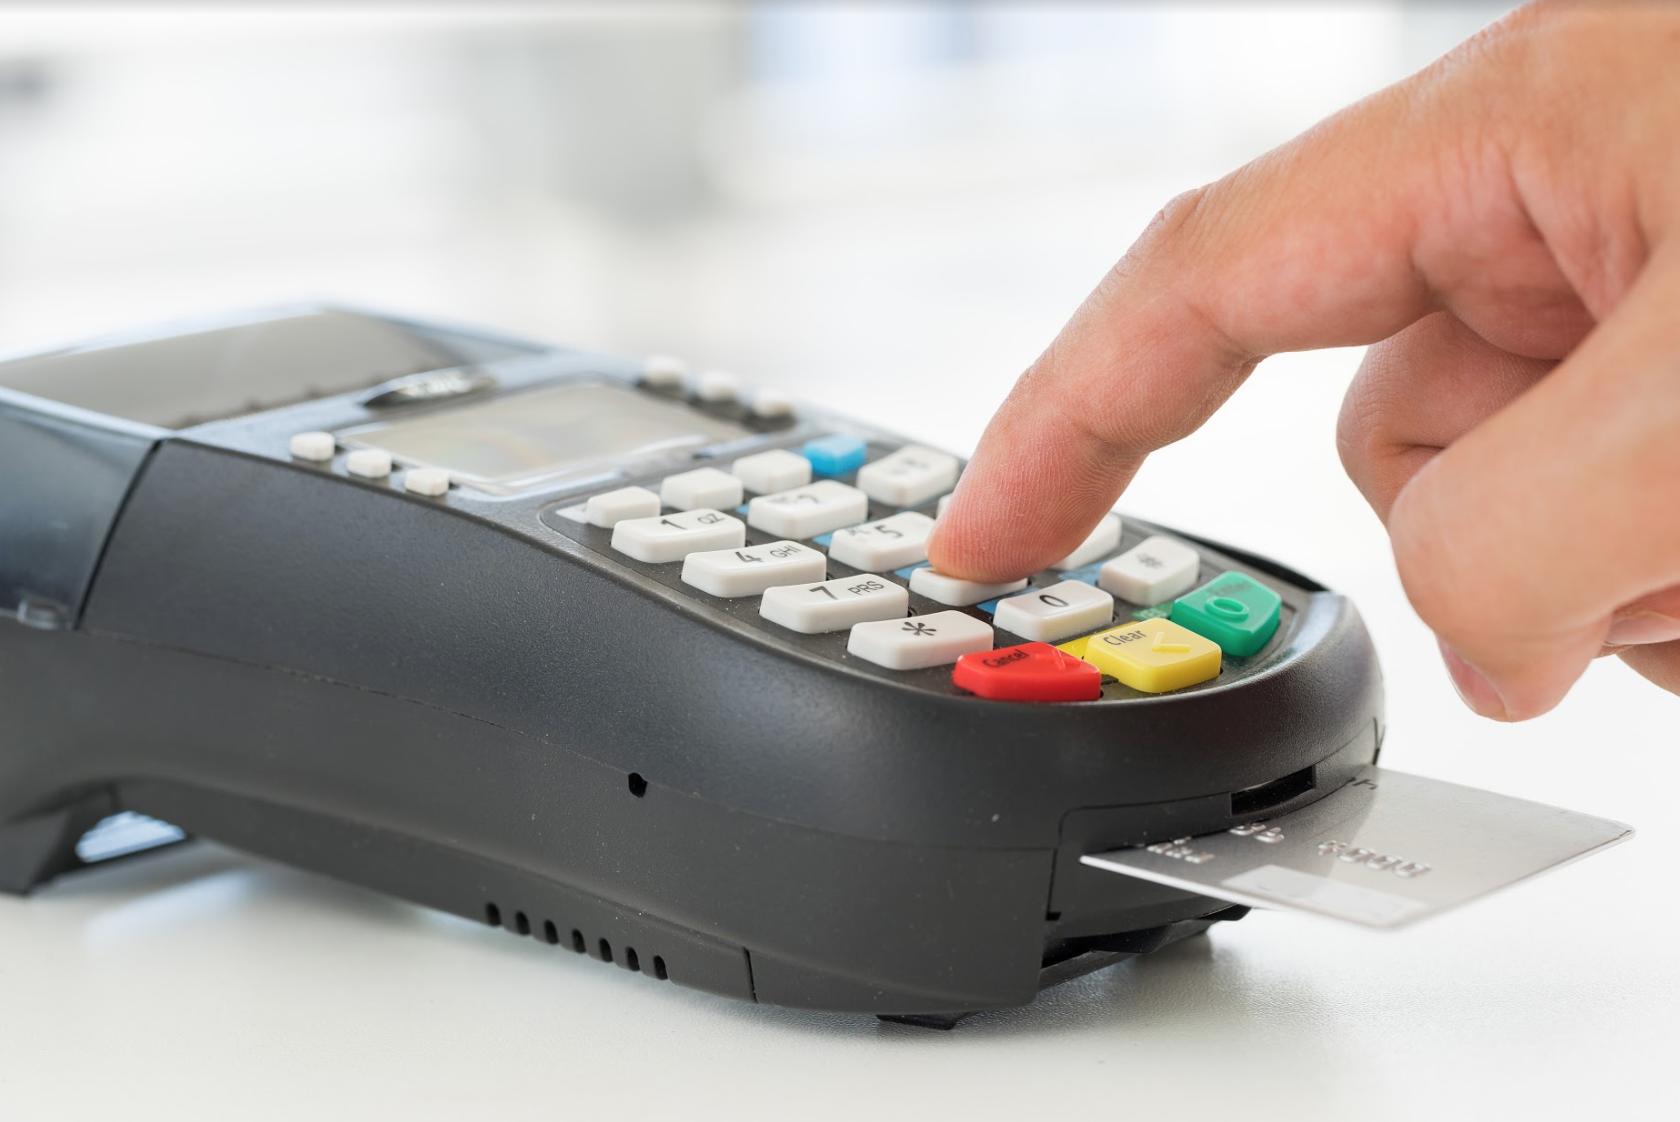 mejores tarjetas de débito y crédito 2018